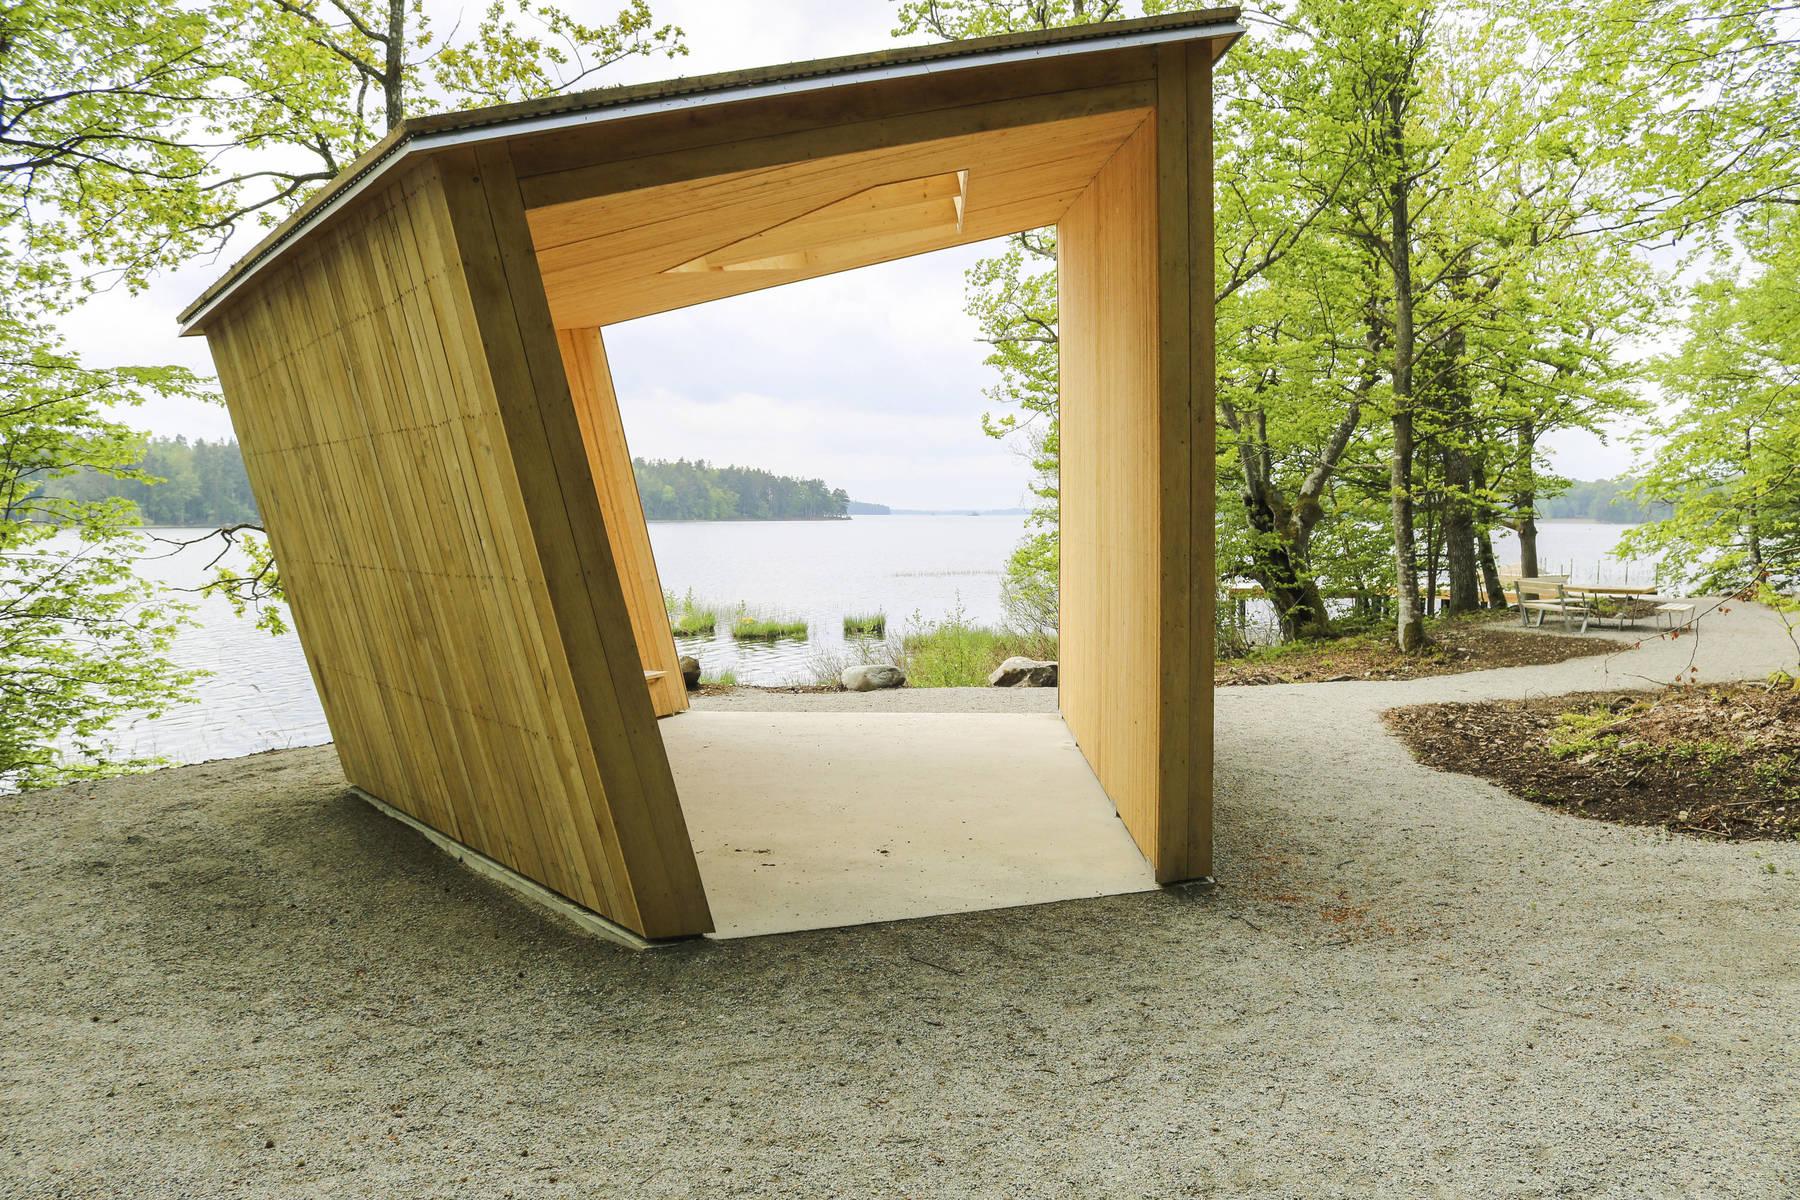 Windschutz bei Sunnabron im Nationalpark Åsnen in Småland in Schweden